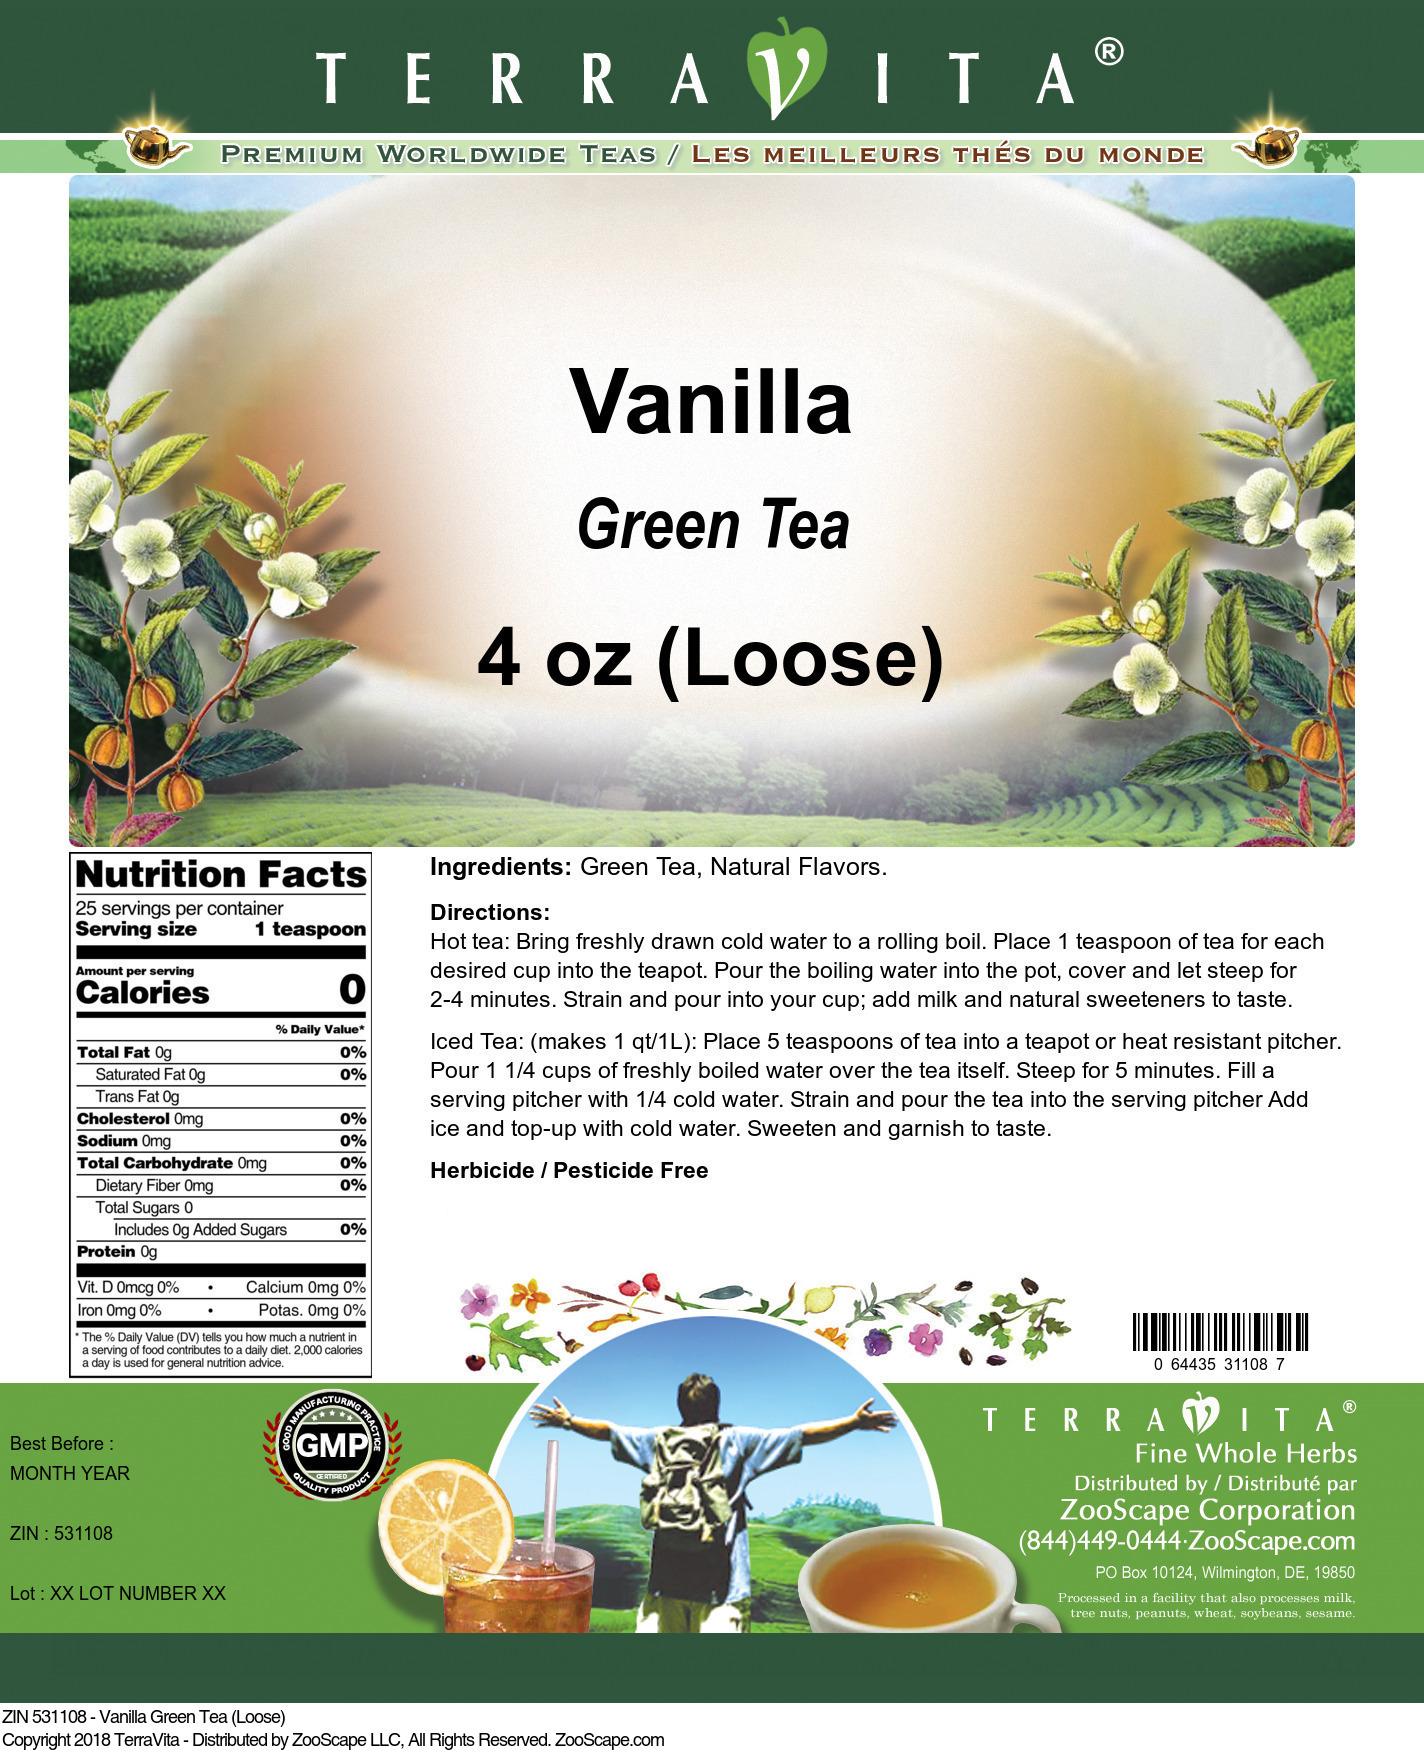 Vanilla Green Tea